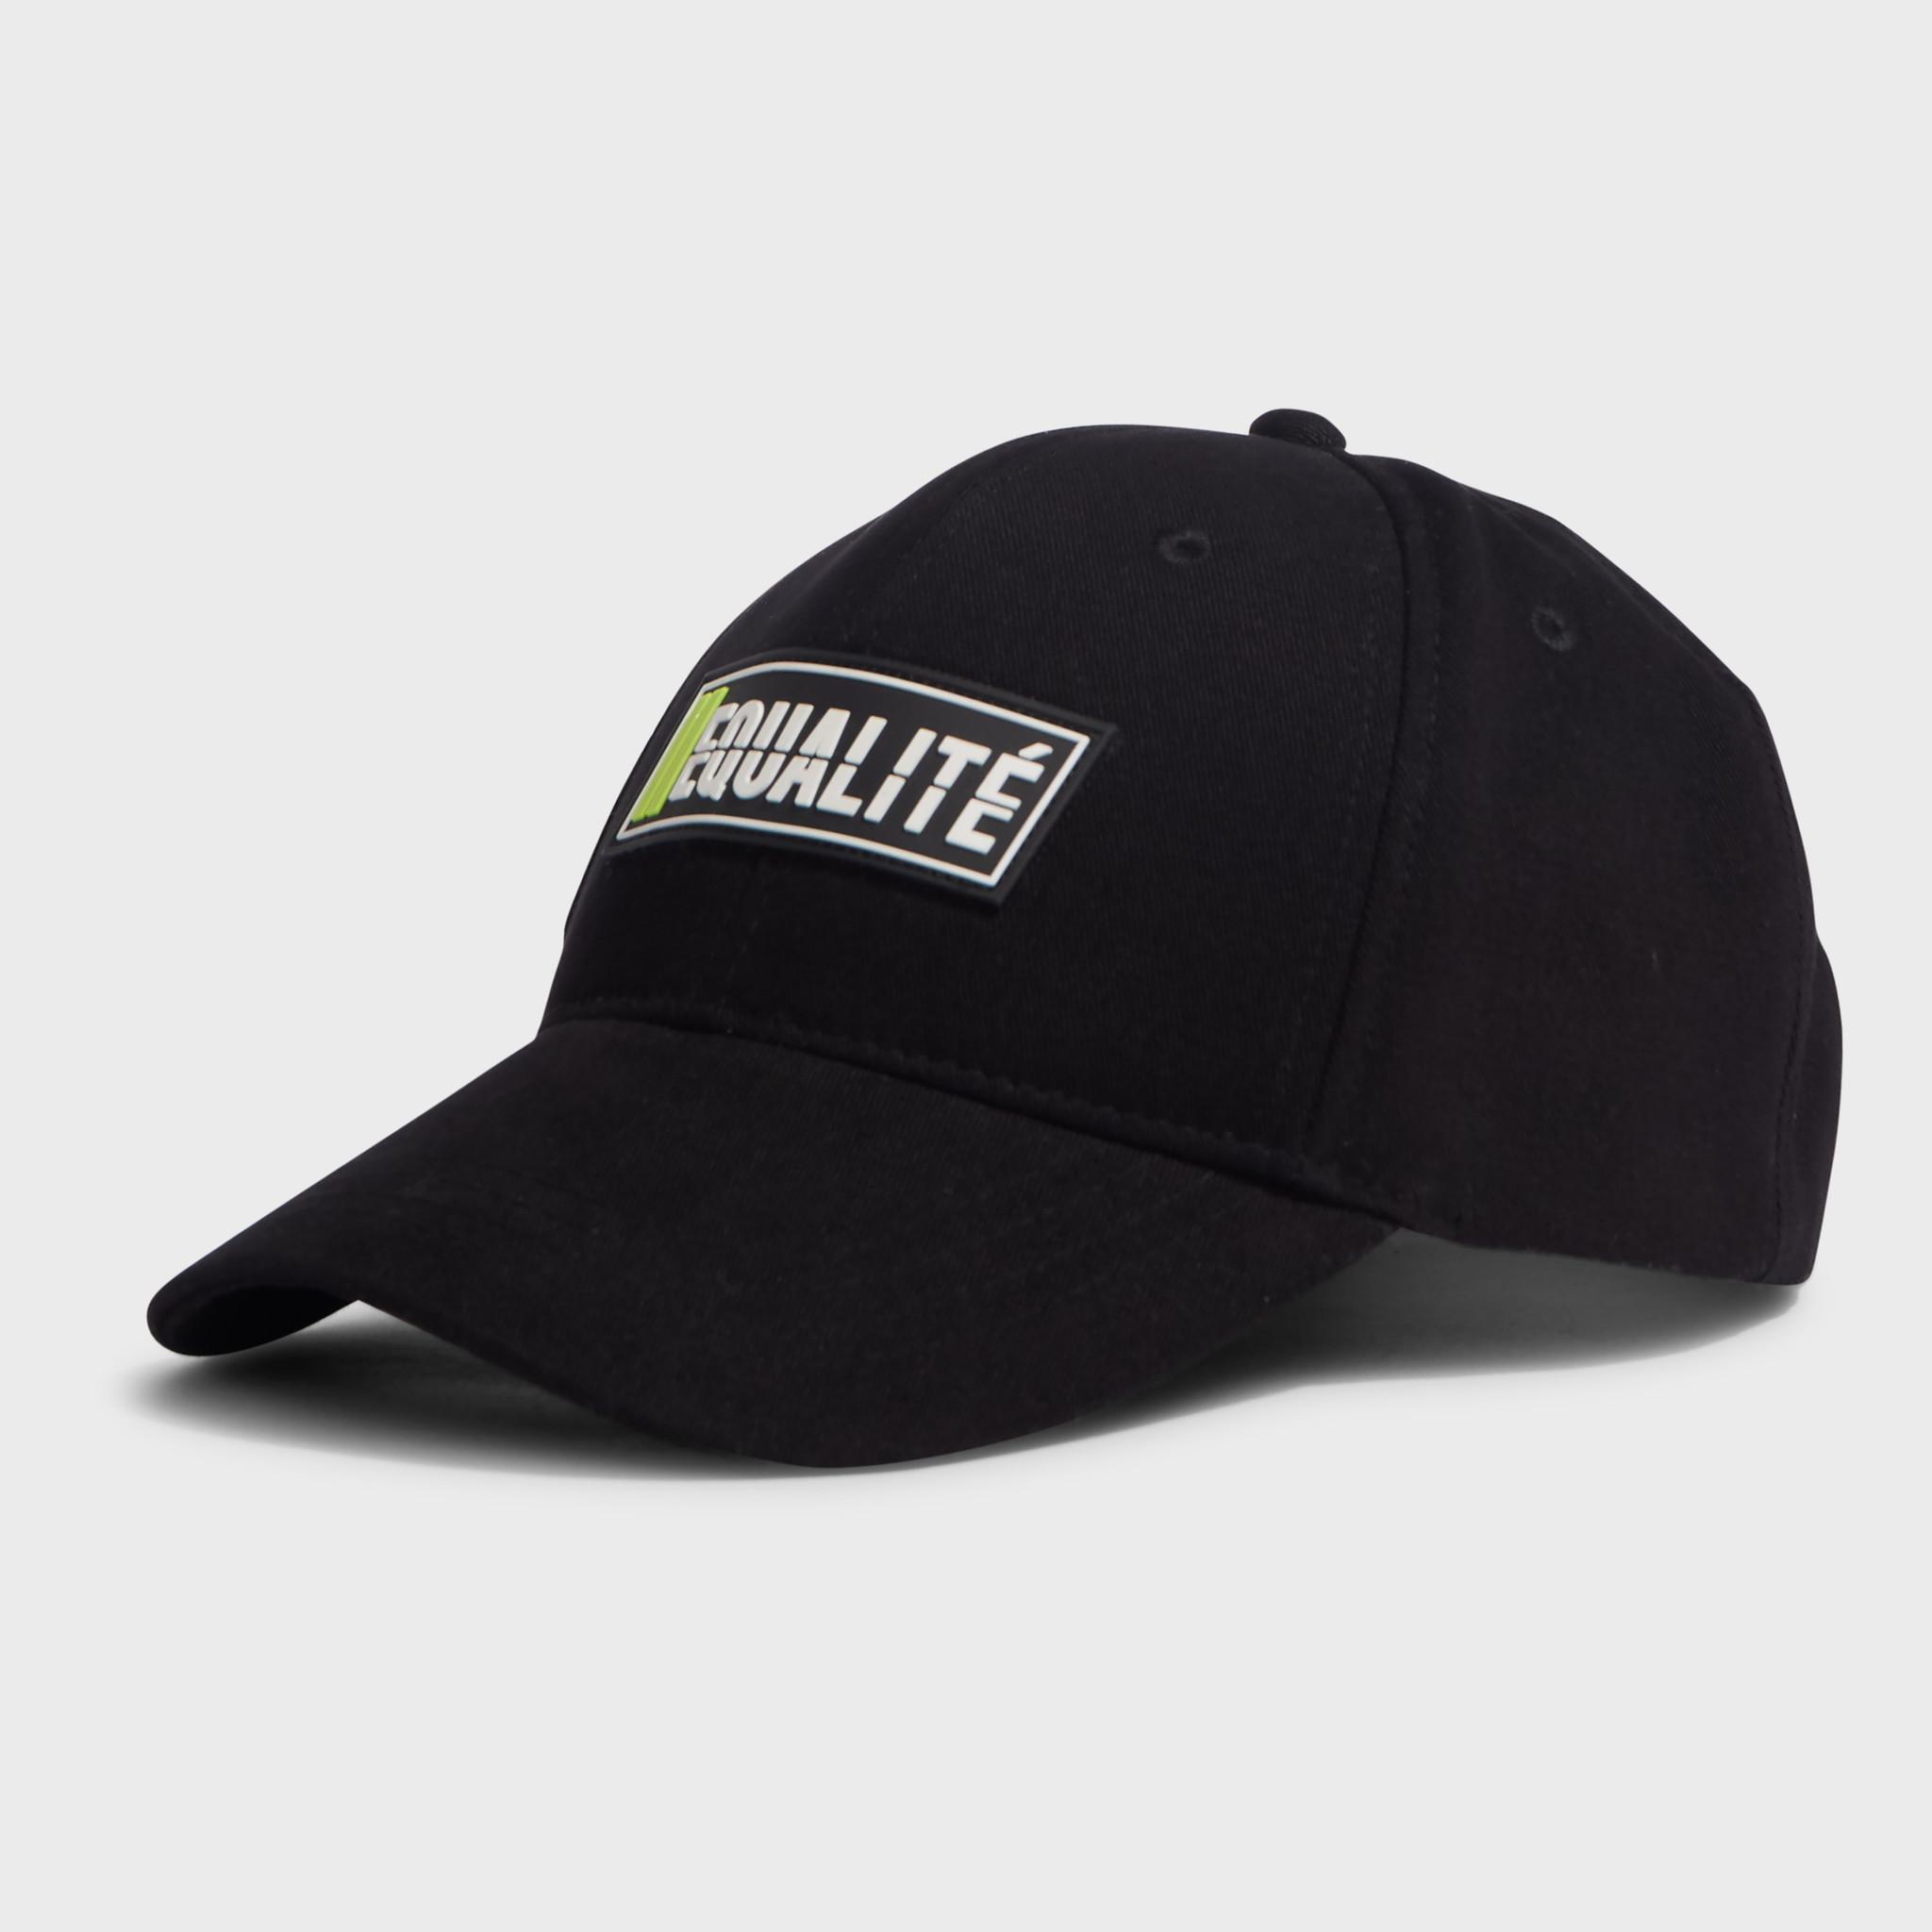 Future cap-3